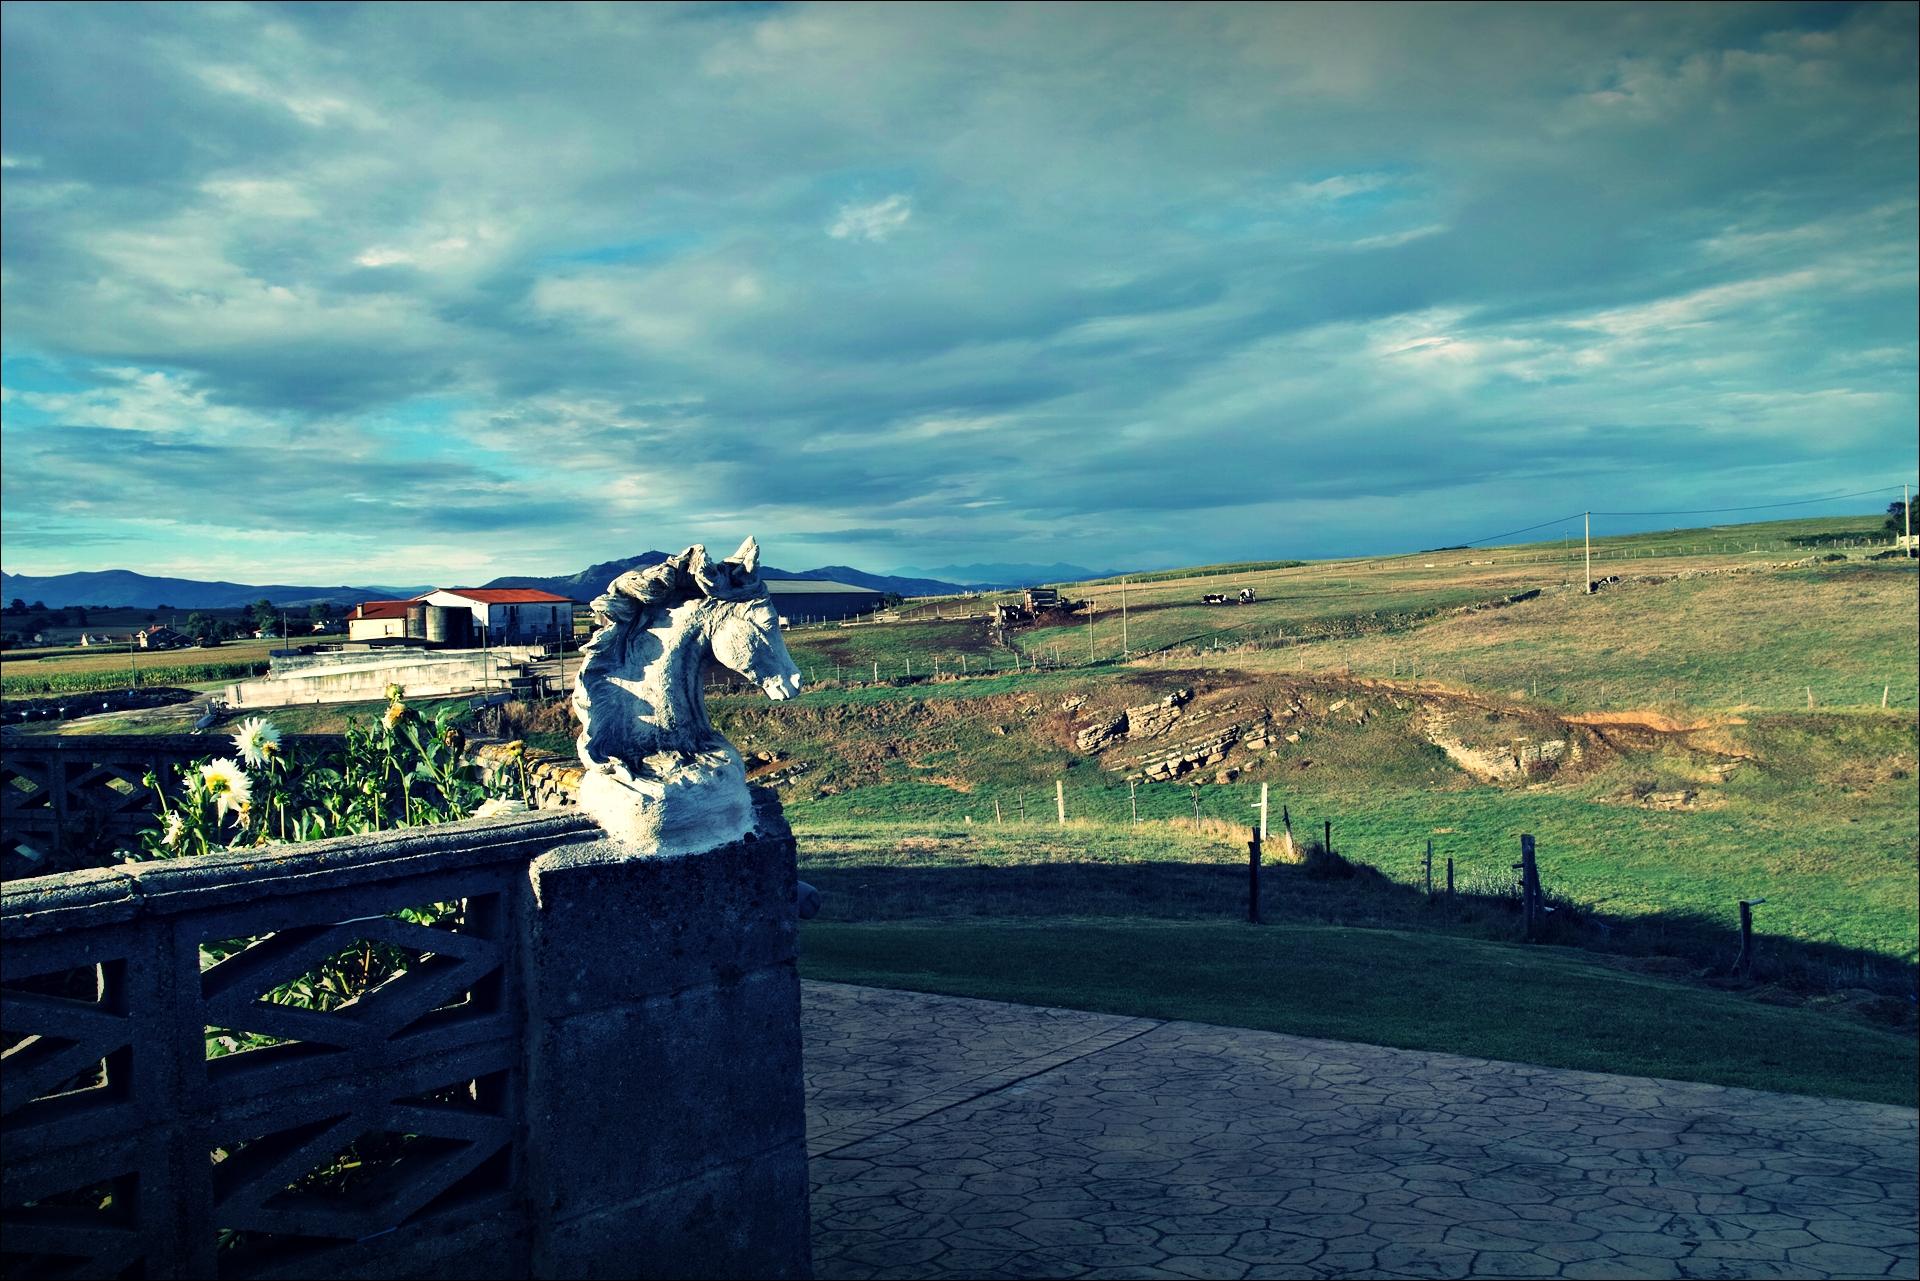 말 조각-'카미노 데 산티아고 북쪽길. 궤메스에서 산탄데르. (Camino del Norte - Güemes to Santander)'